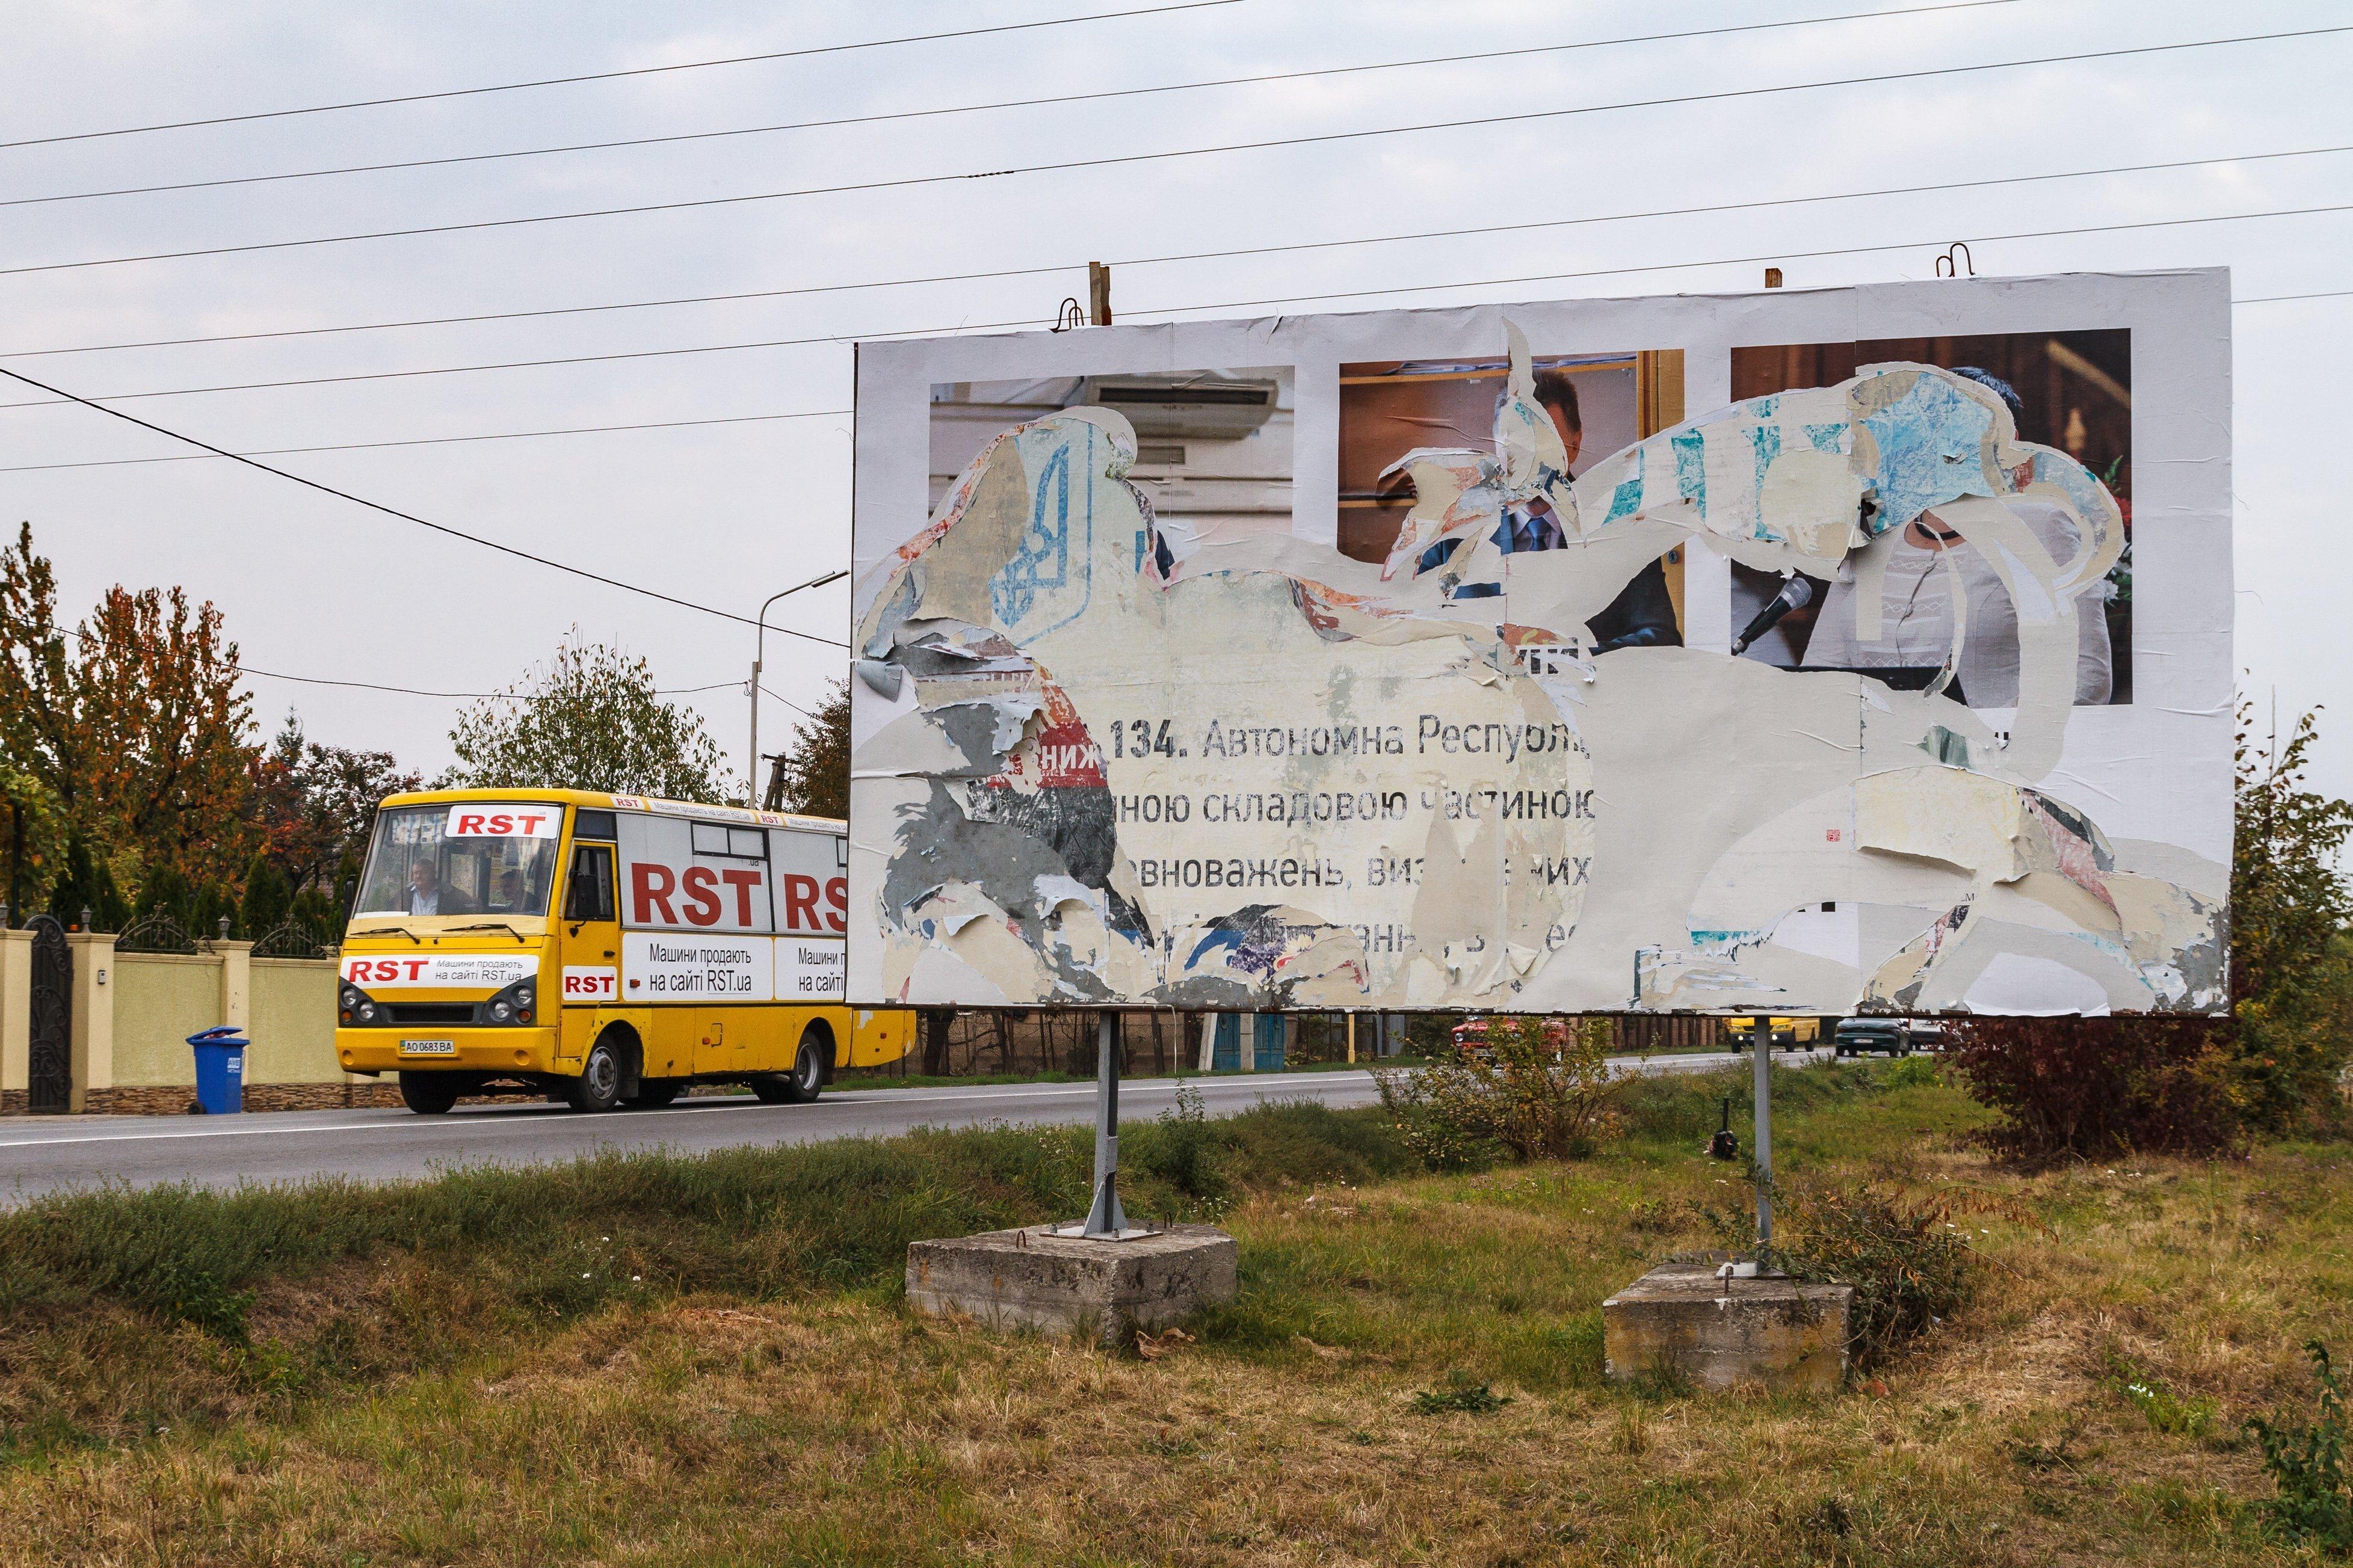 Magyarellenes óriásplakátokat ragasztottak ki Kárpátalján, a kormányzó szerint az orosz titkosszolgálat szítja a feszültséget